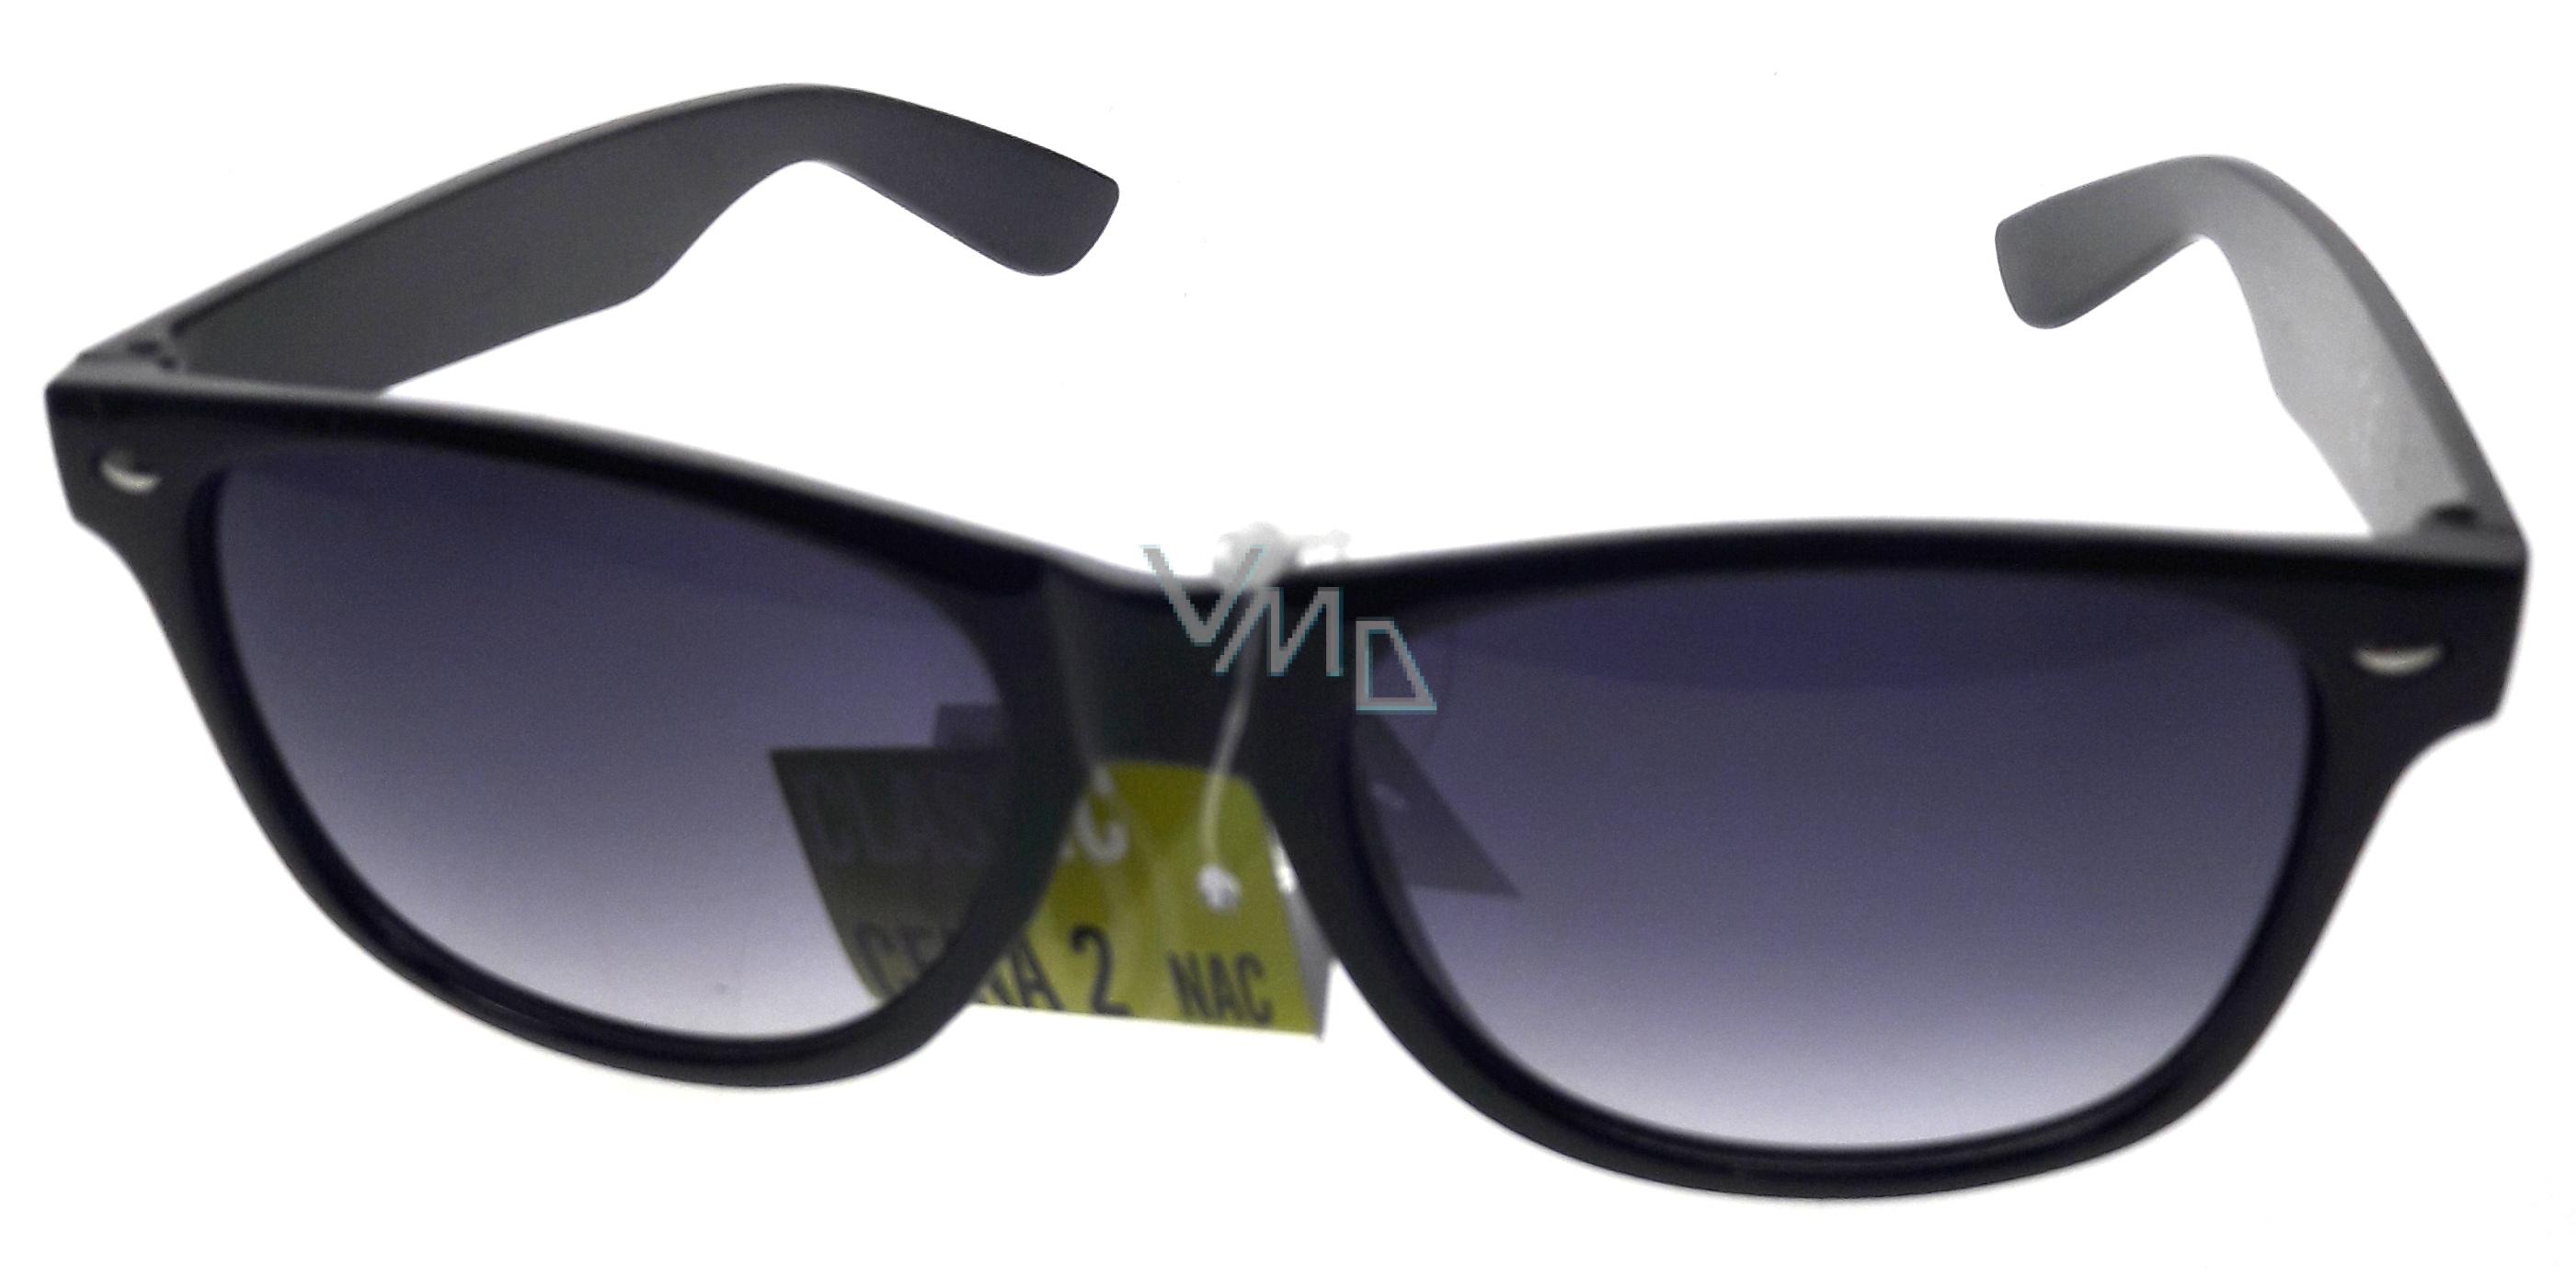 8a3d4e416 kategorie 3. Novinka. Slnečné okuliare AZ BASIC 50